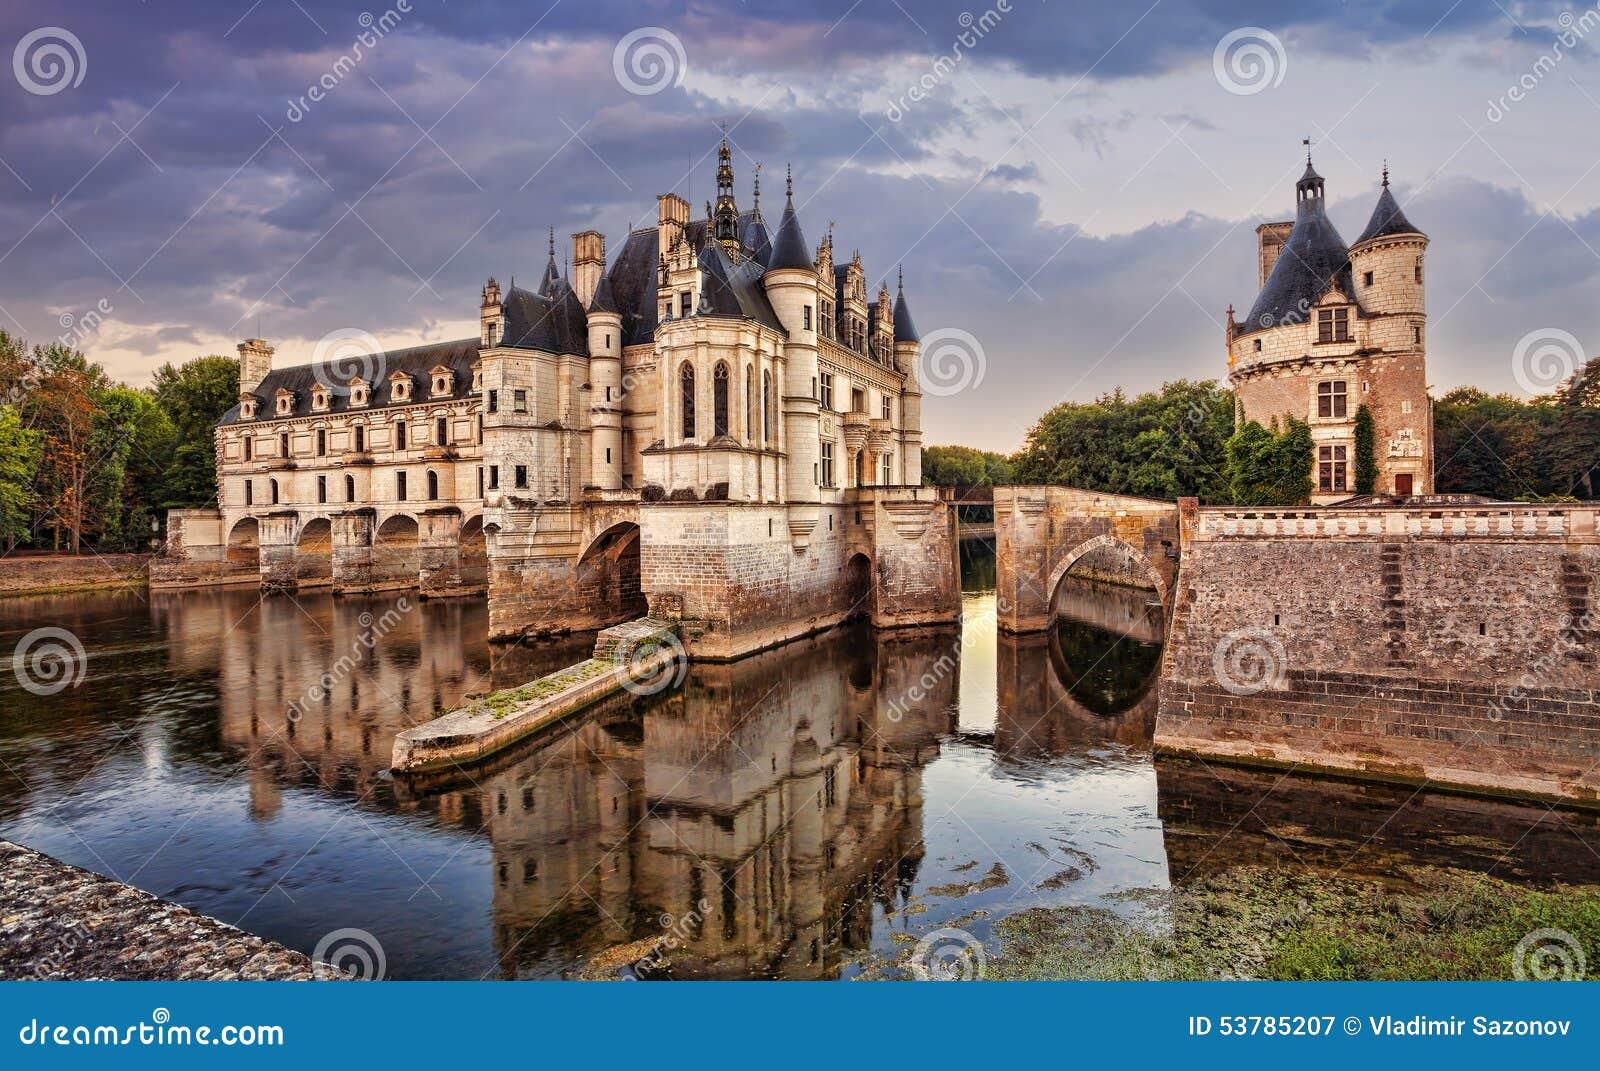 Zamku de France chenonceau Loire valley Francja